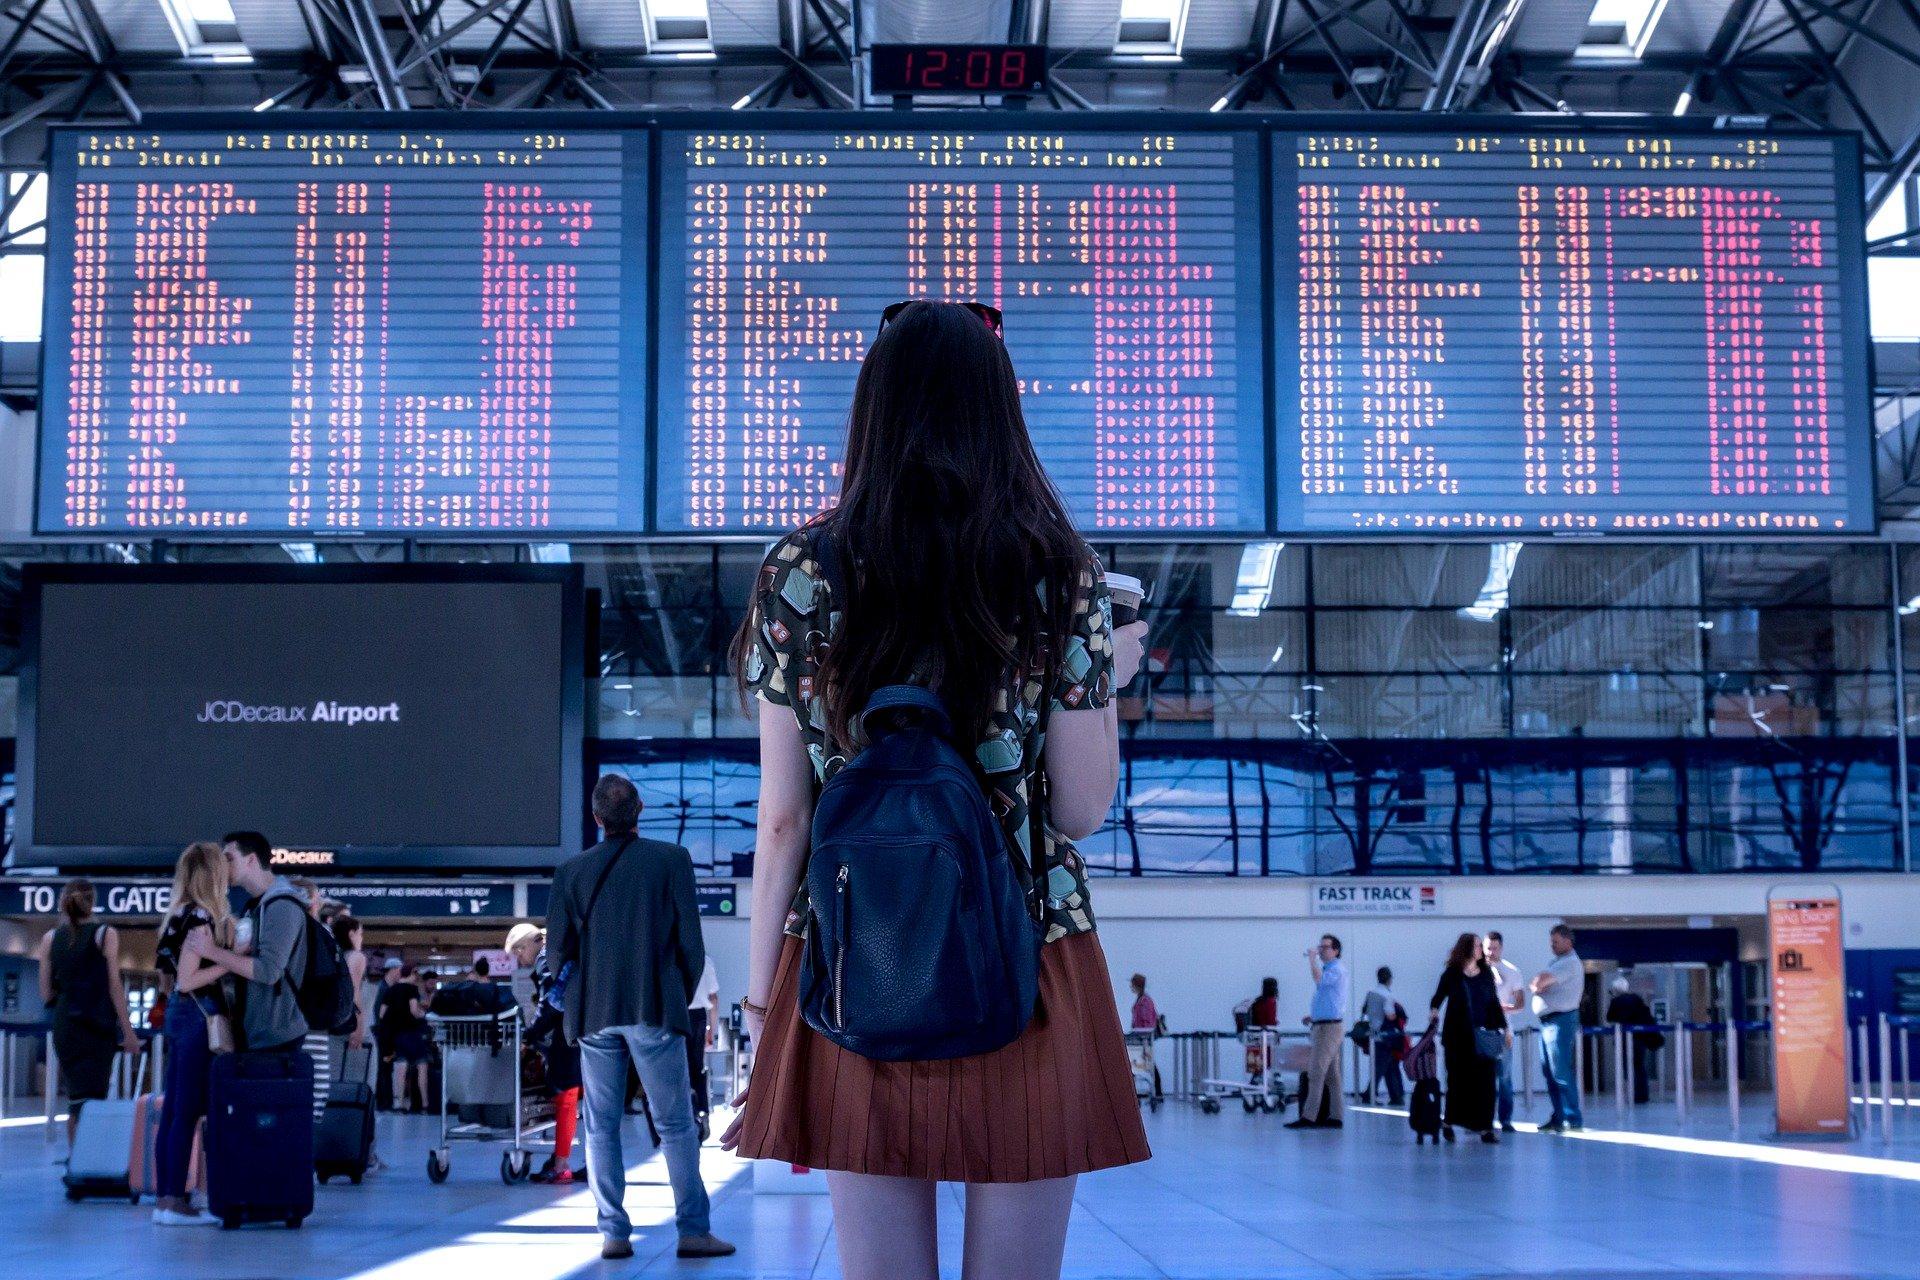 Itinerancia de datos: qué es y cómo activarla y desactivarla en tu teléfono